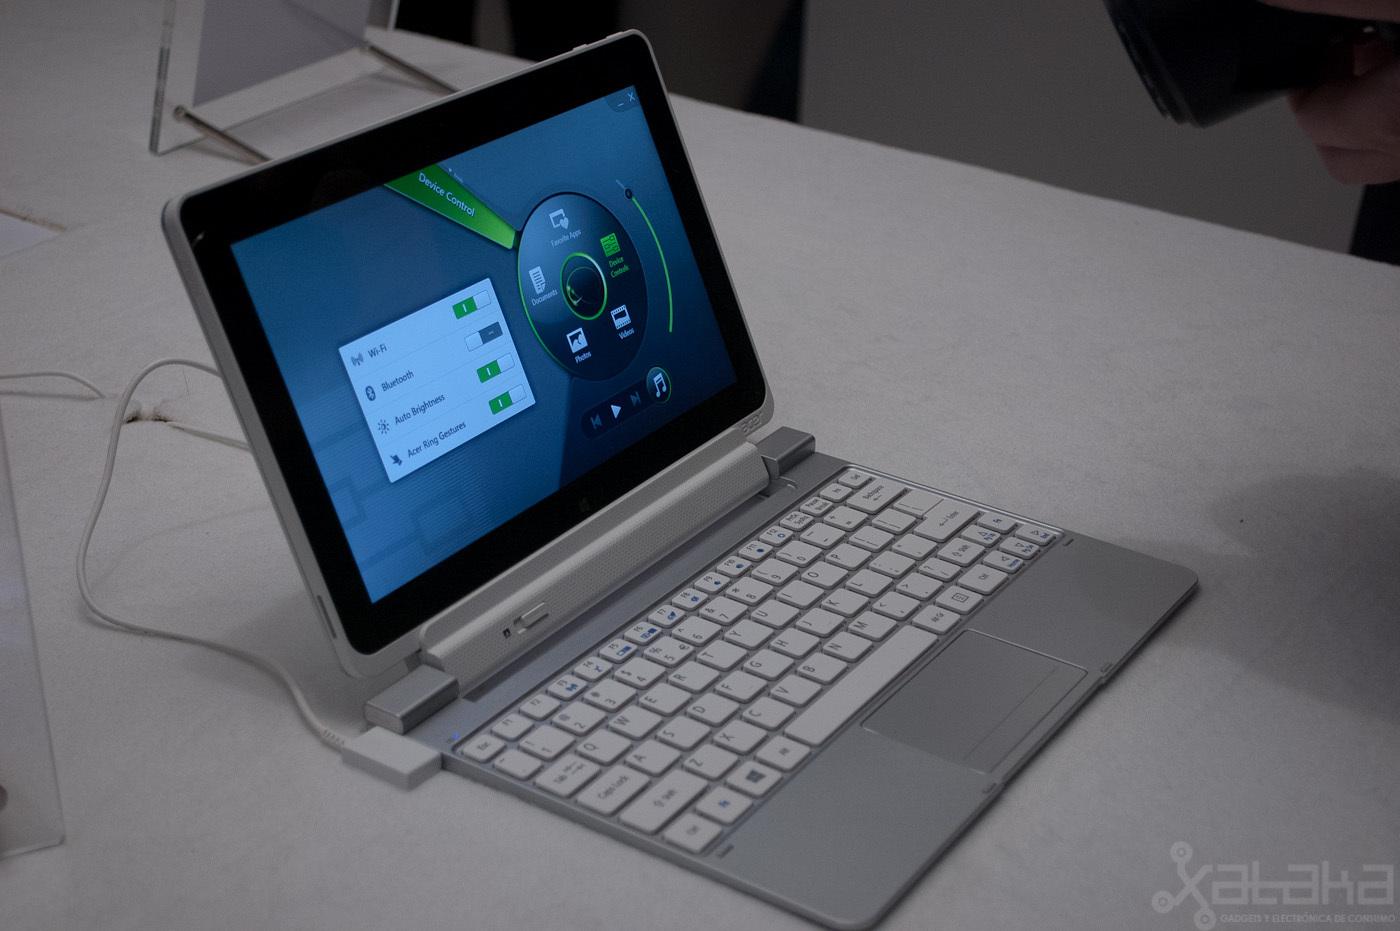 Foto de Acer Iconia W510, primeras impresiones (3/14)